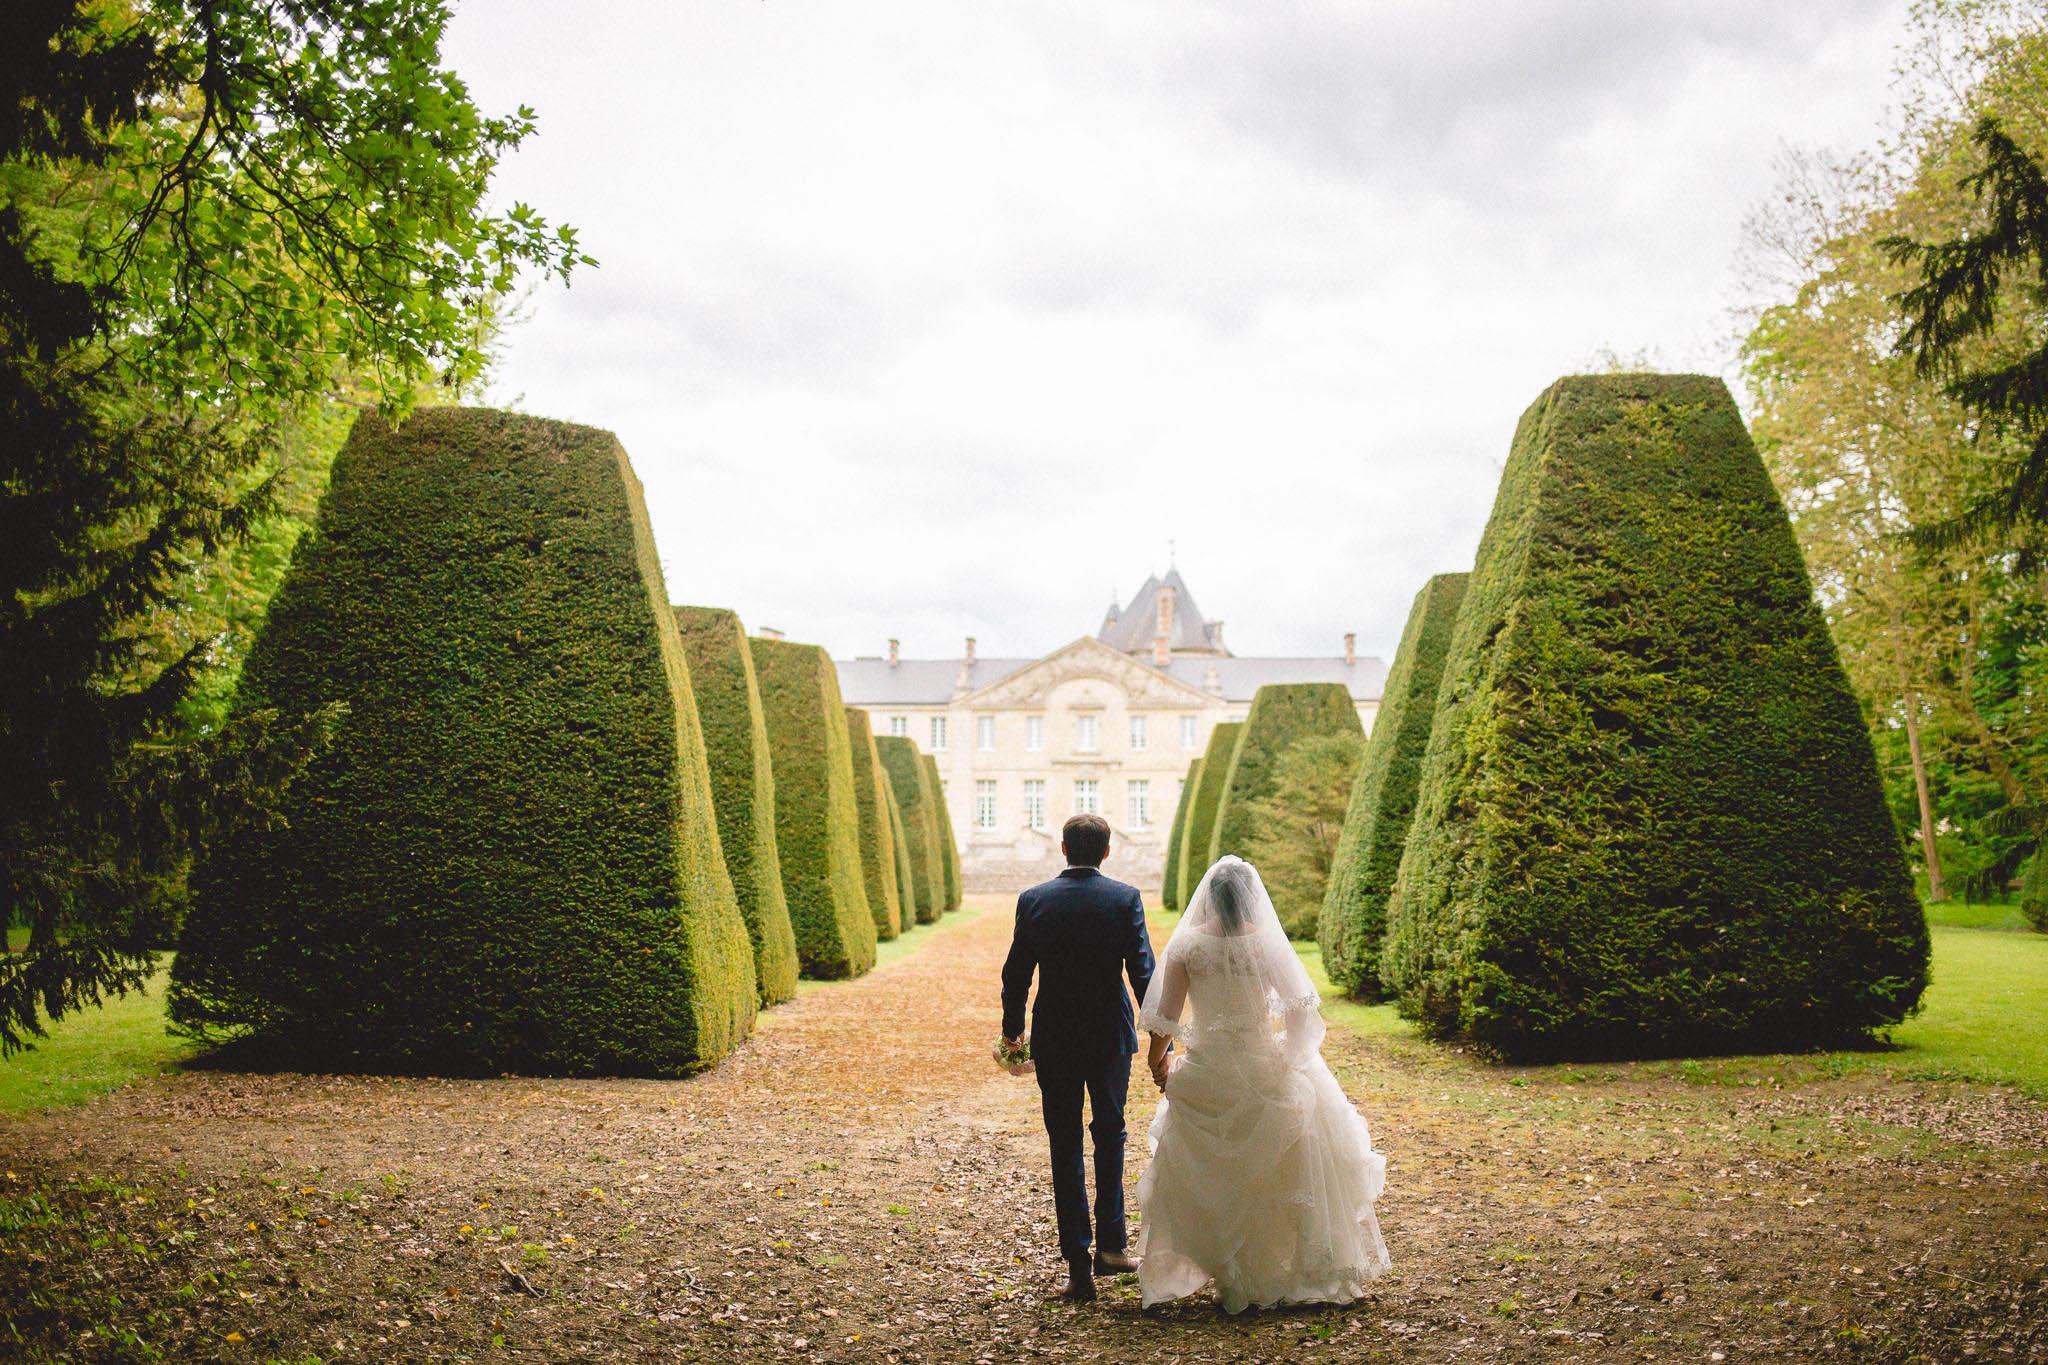 Art_Avec_Amour_Photographe_Mariage_Famille_Paris_France-00147.jpg